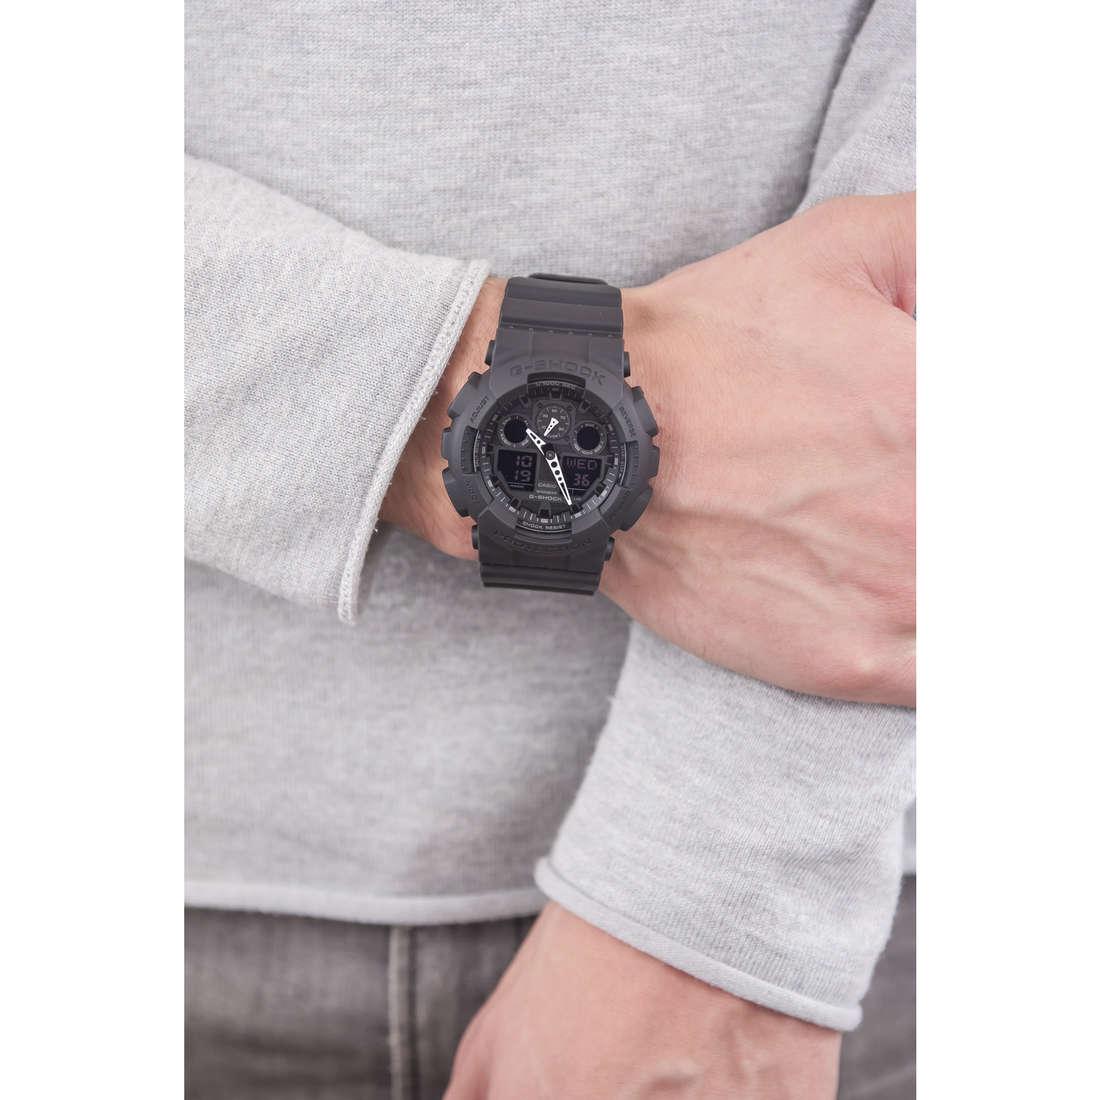 Casio digitali G-Shock uomo GA-100-1A1ER indosso